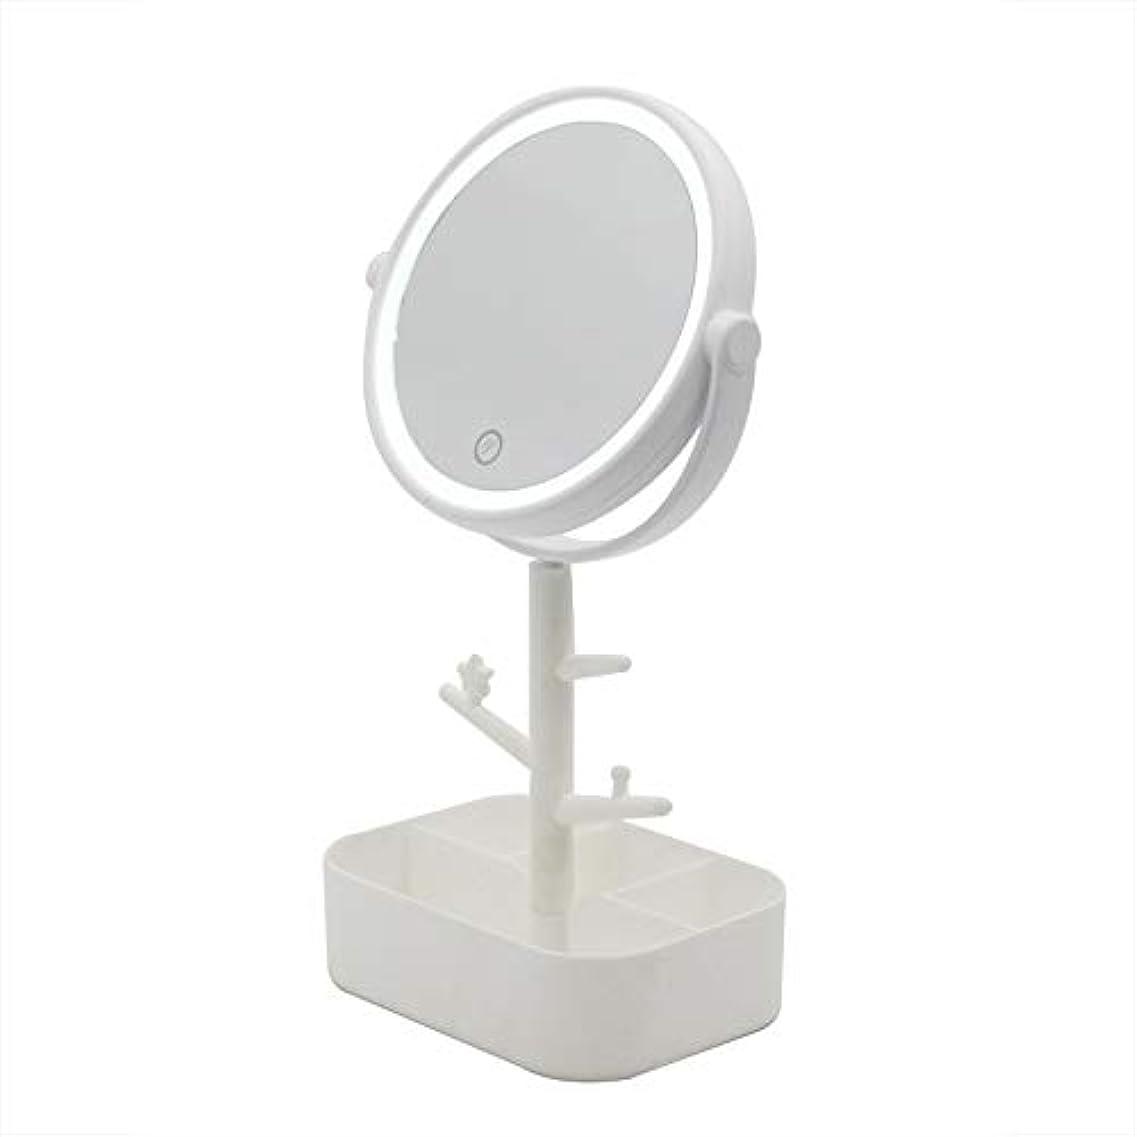 叫び声農業のシュガーLecone LED化粧鏡 女優ミラー 卓上ミラー 360度調整可能 スタンドミラー LEDライト メイク 化粧道具 円型 収納ケース 可収納 USB給電 (ホワイト)